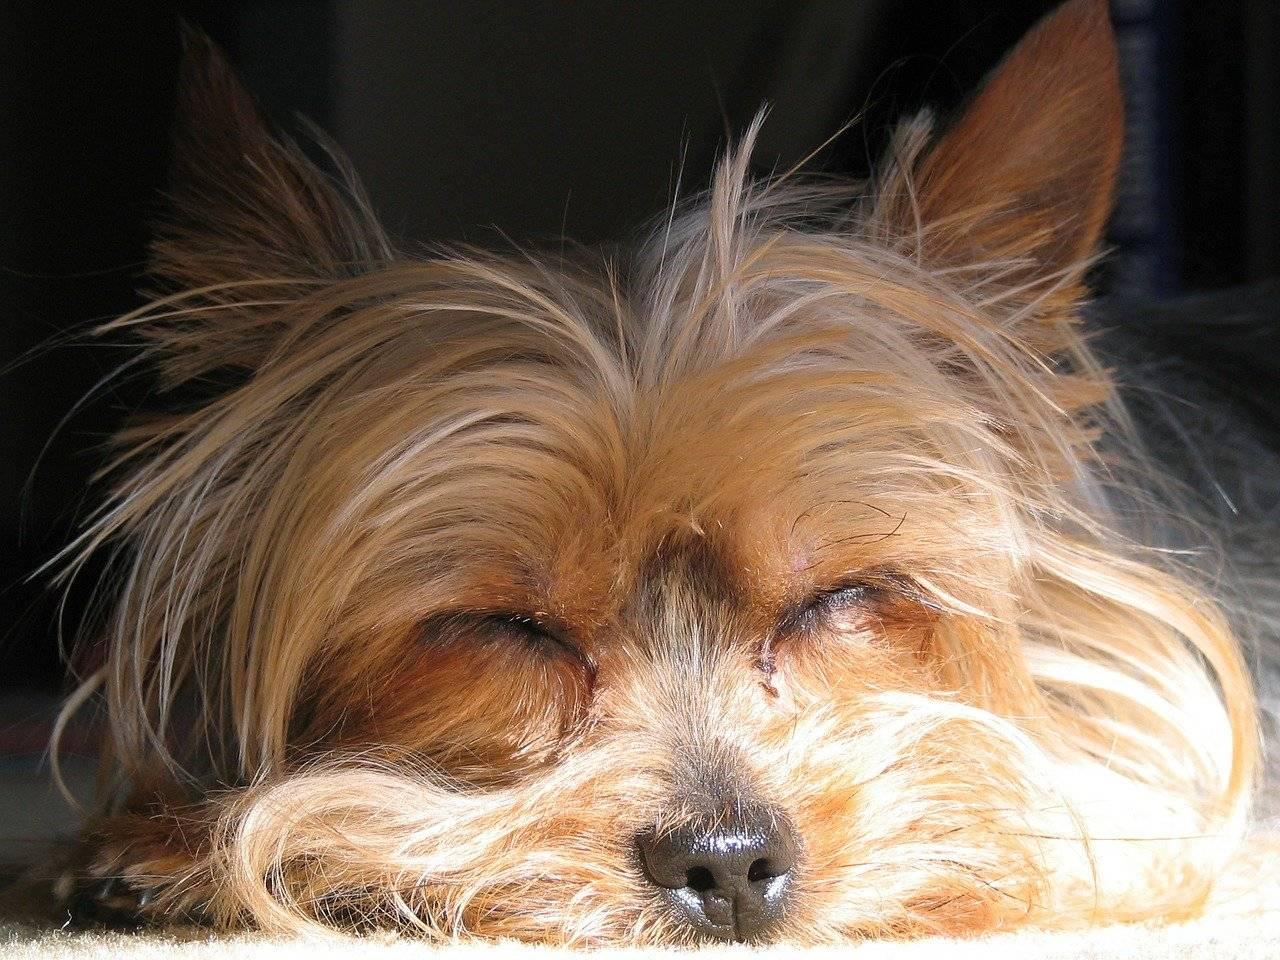 Йоркширский терьер дрожит: почему трясется собака и считается ли это патологией, а также обзор основных причин такого состояния